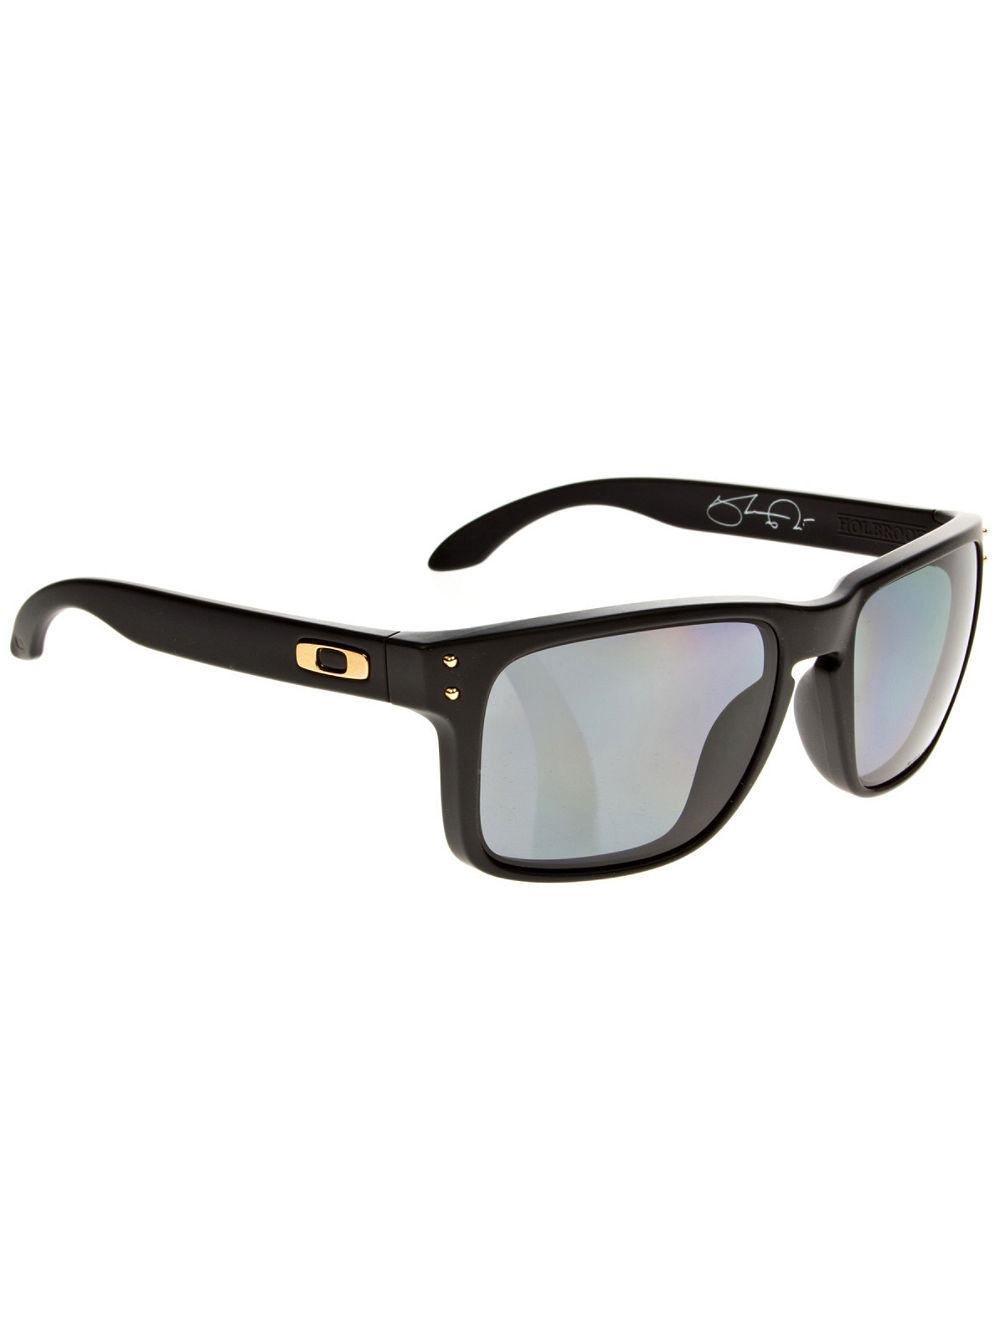 65a2044ddef1d Oakley Holbrook Matte Black Lens Warm Grey